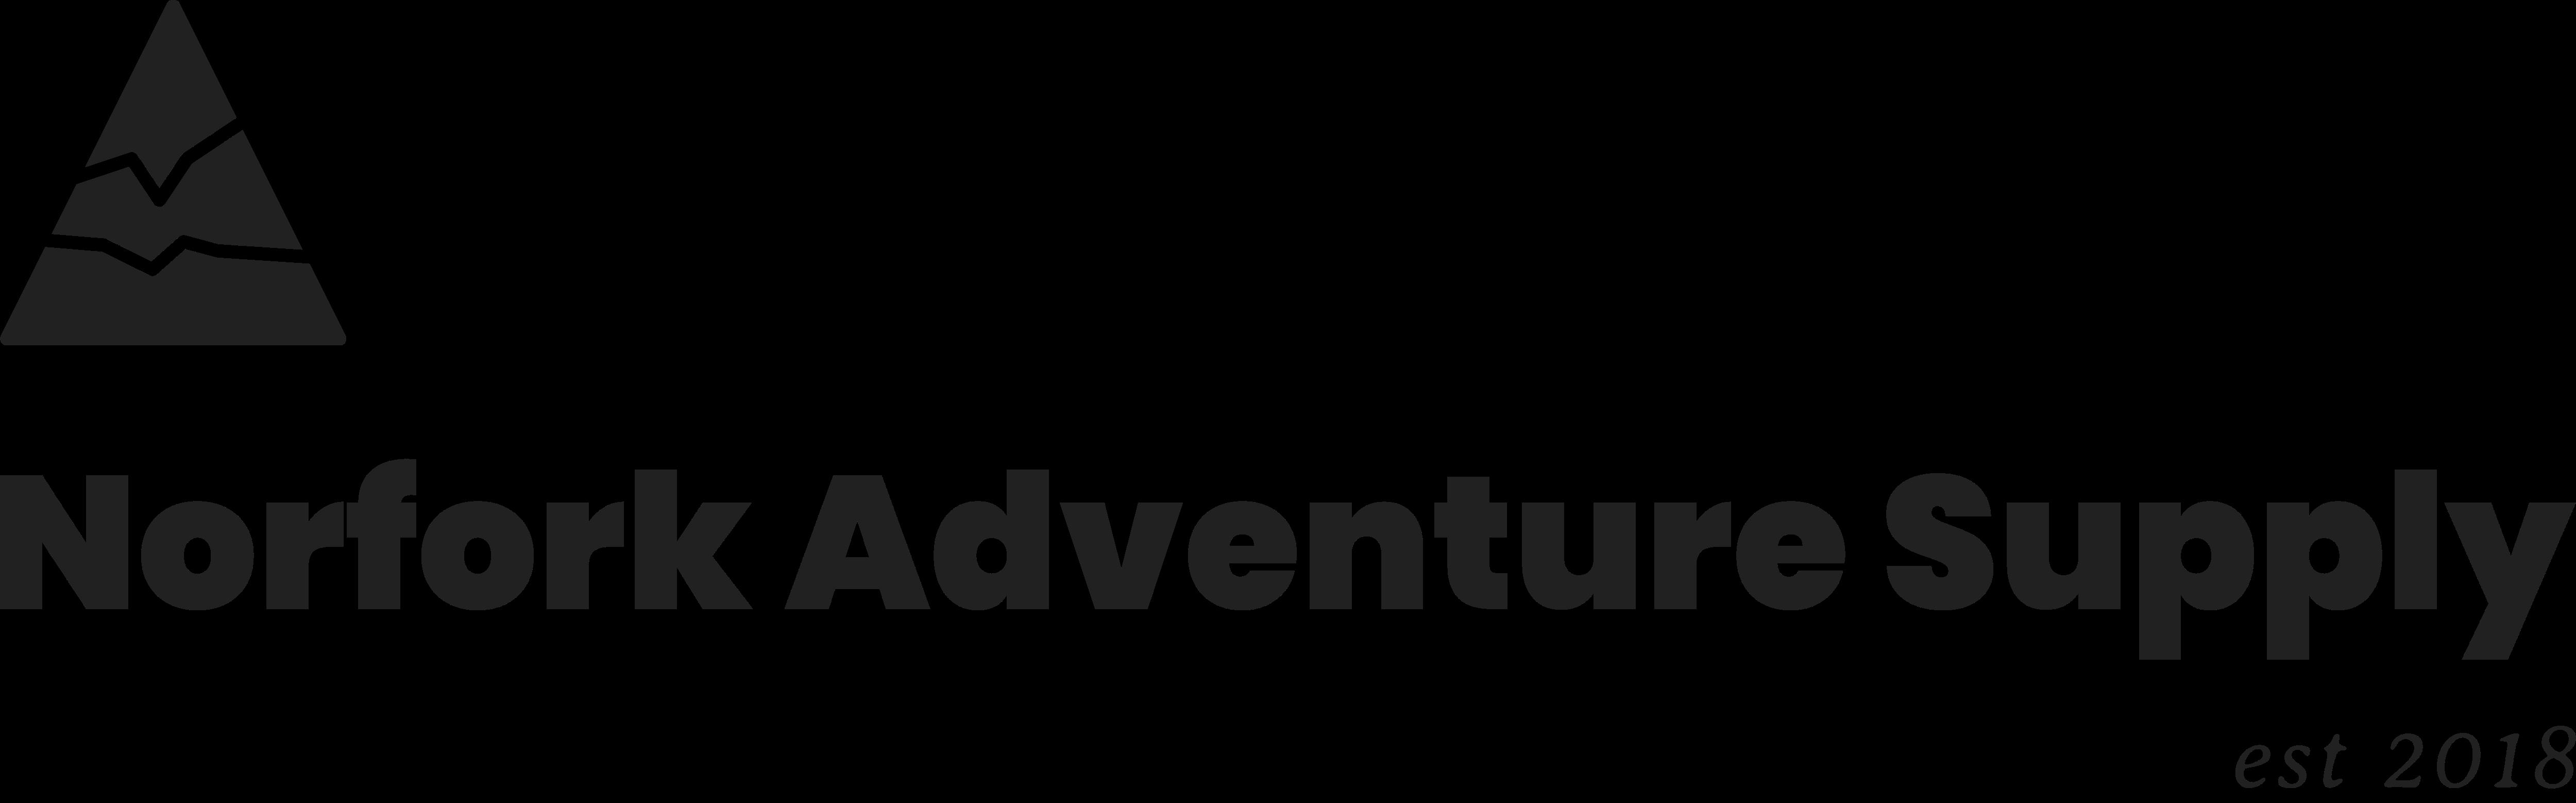 Norfork Adventure Supply